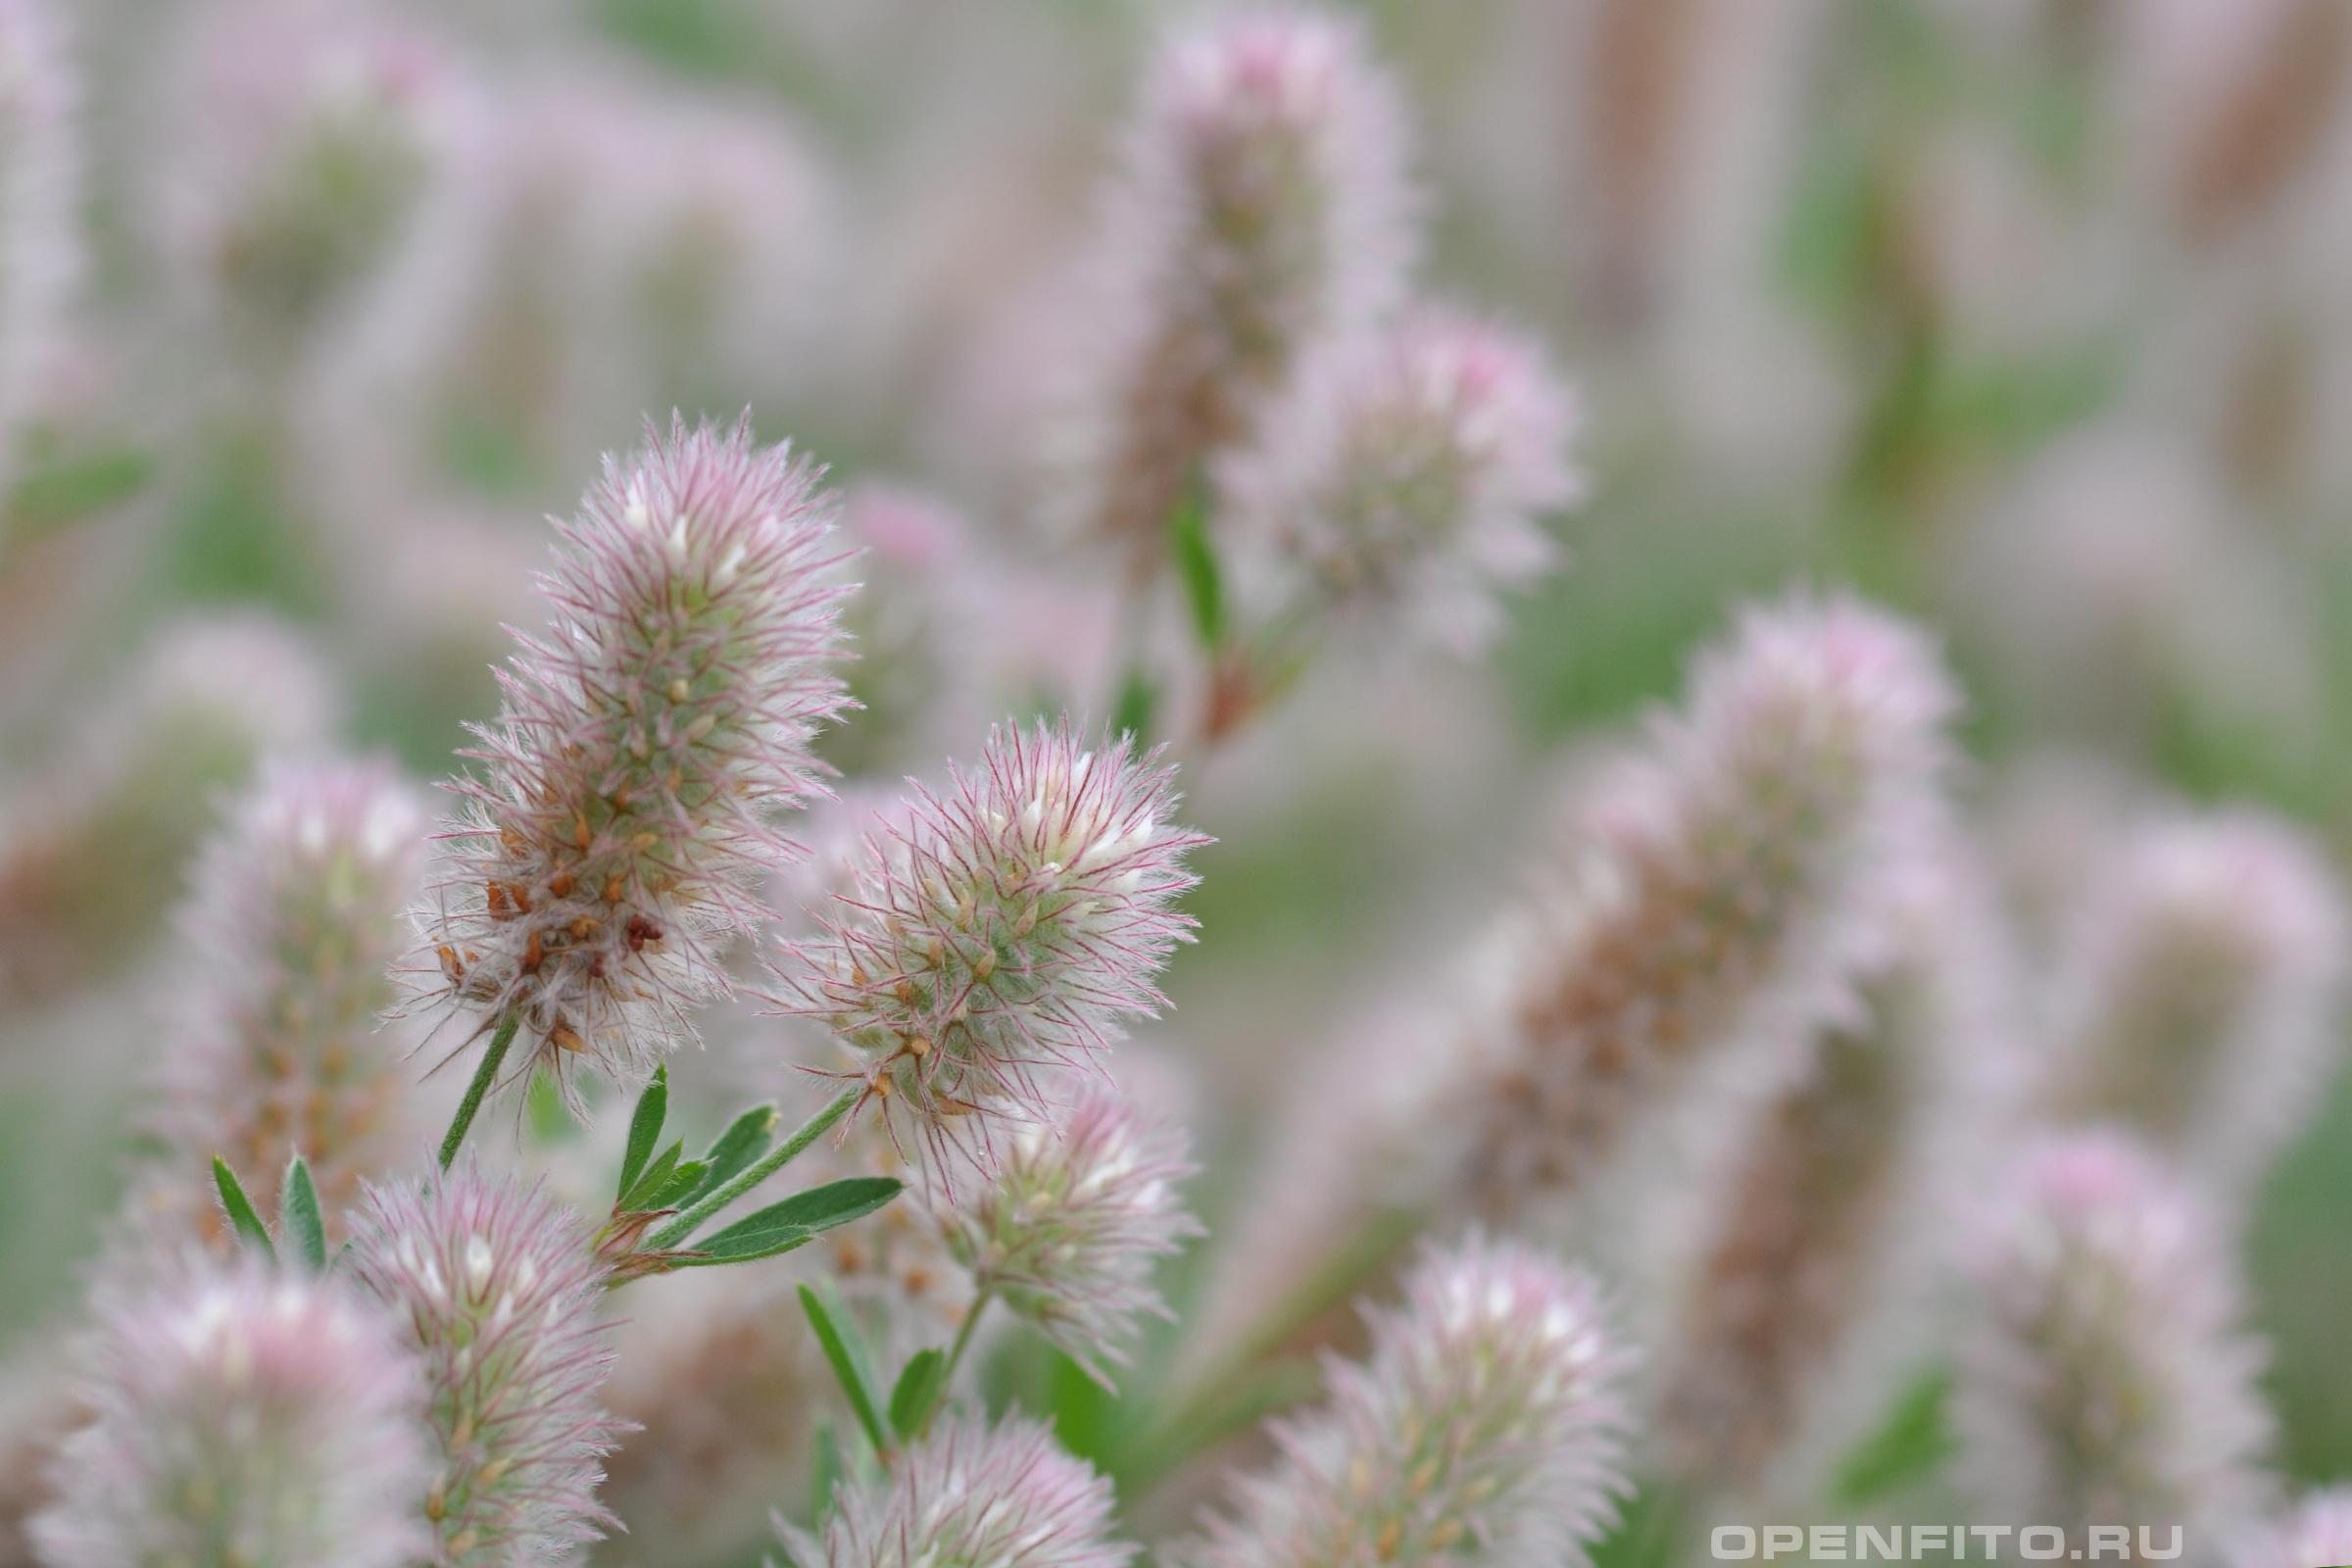 Клевер пашенный пушистые розоватые цветки травы сохраняют форму даже после сушки